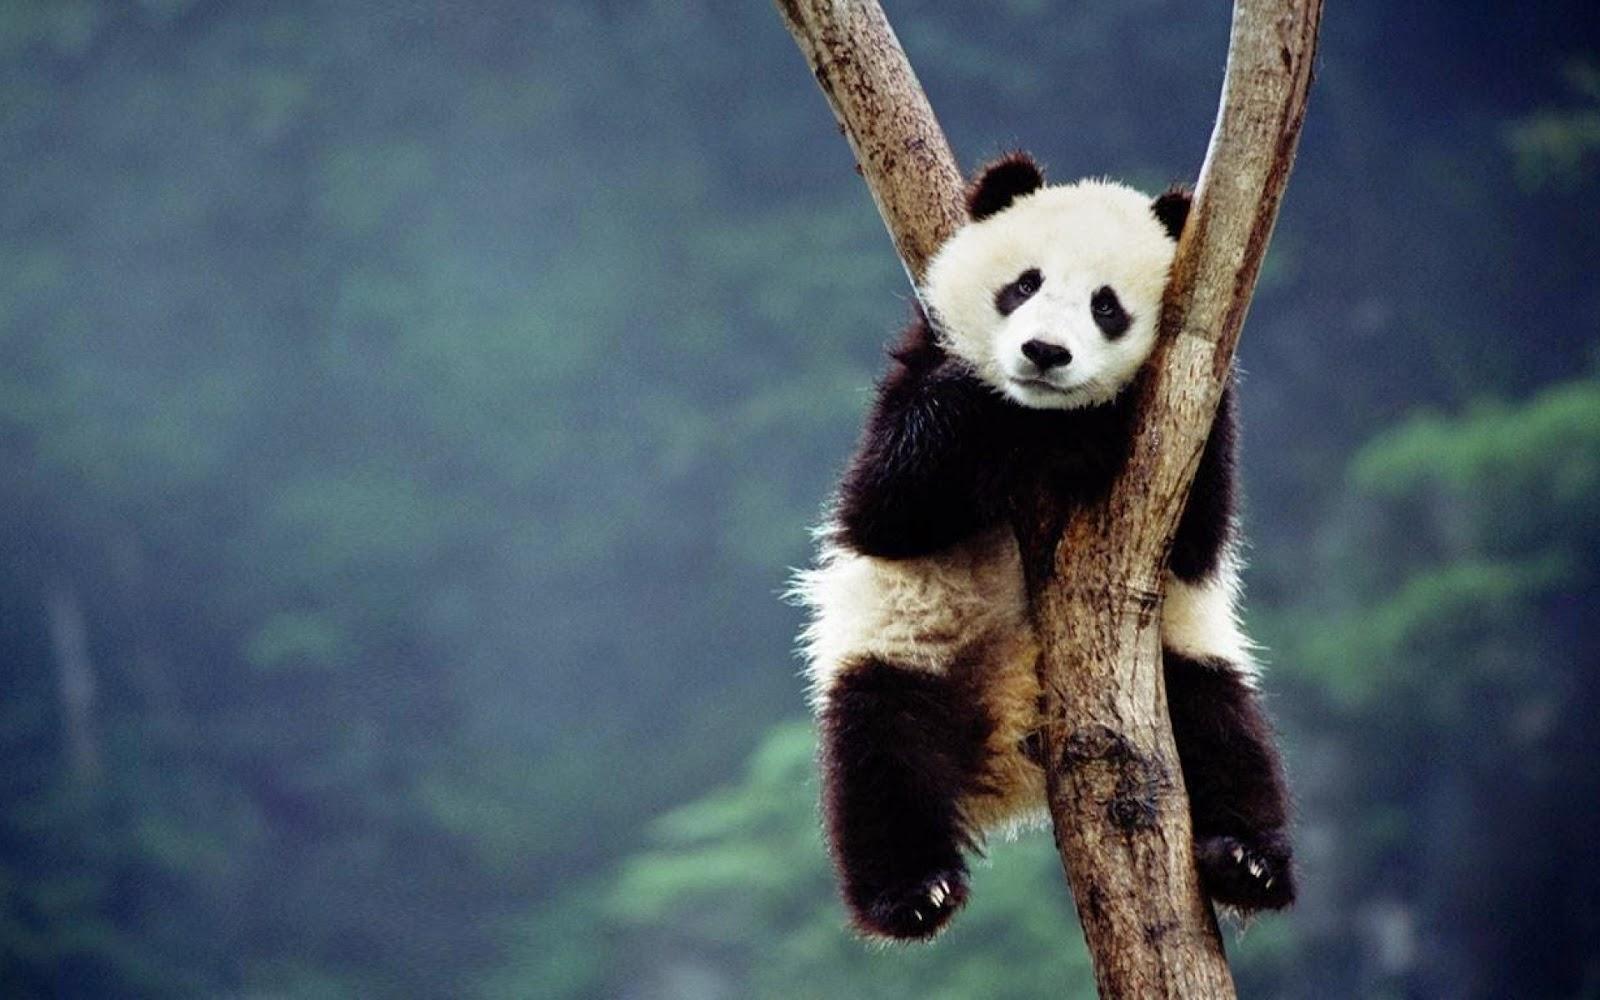 Gambar Panda Lucu Serta Asal Usul Panda  Ayeeycom